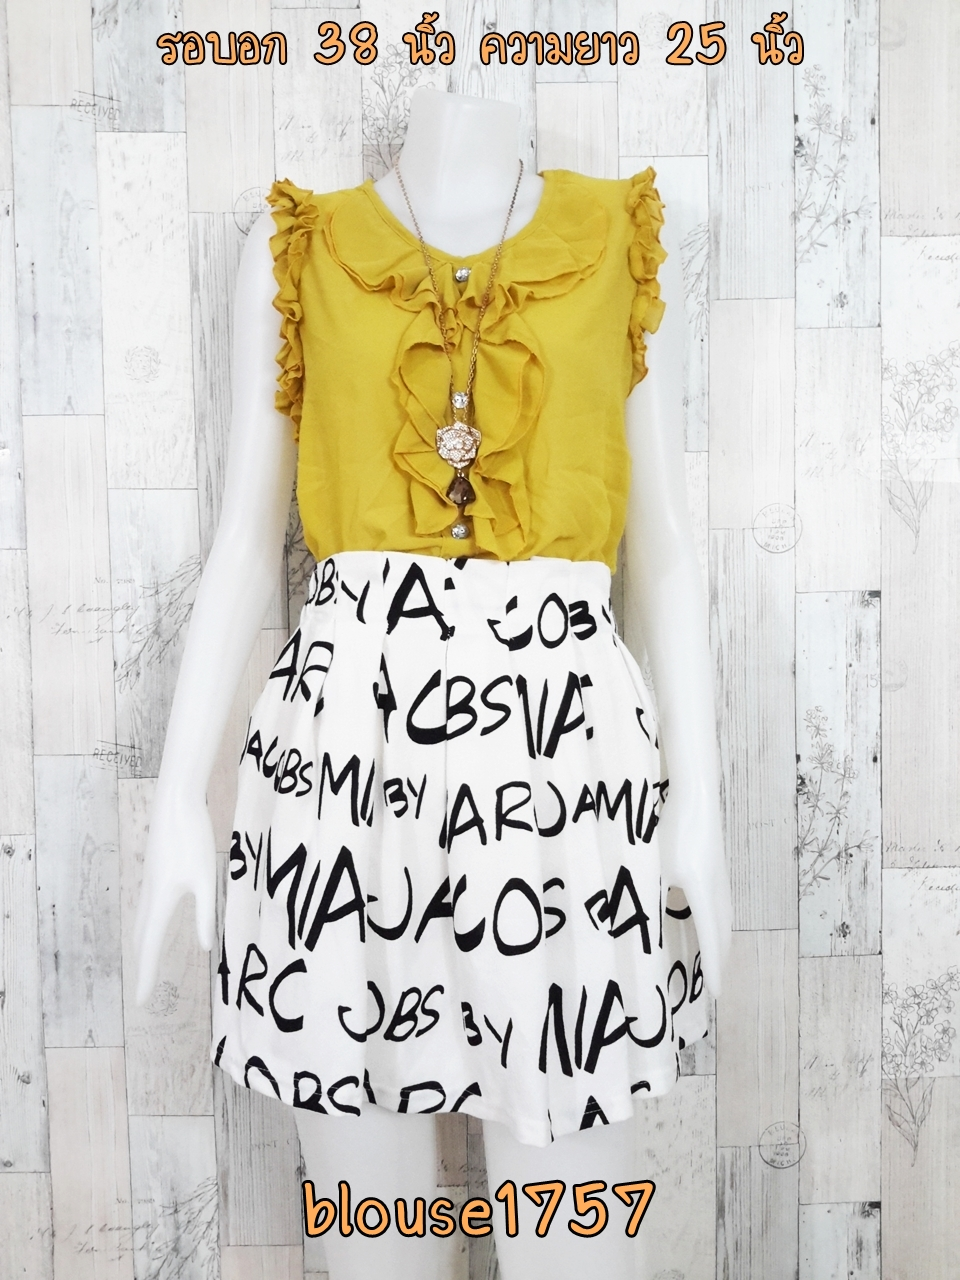 LOT SALE!! Blouse1757 เสื้อแฟชั่น คอระบาย กระดุมอก แขนกุดแต่งระบาย ผ้าชีฟองเนื้อทรายสีเหลืองมะนาว